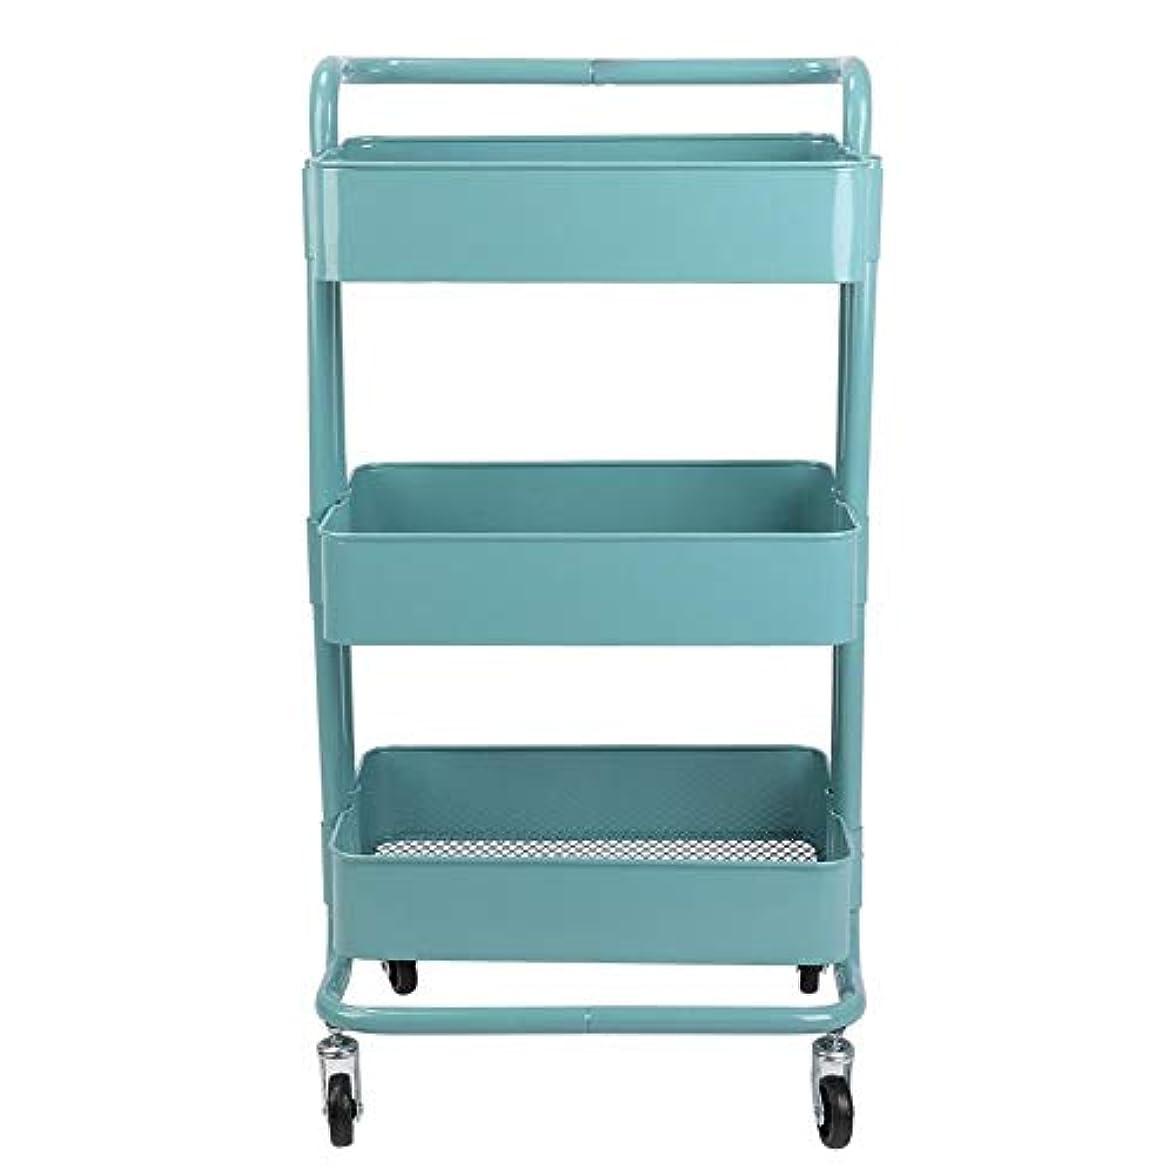 肩をすくめる抑止する消えるトロリーカート、3つの層の金属の車輪の貯蔵の棚は美容院のために移動可能です